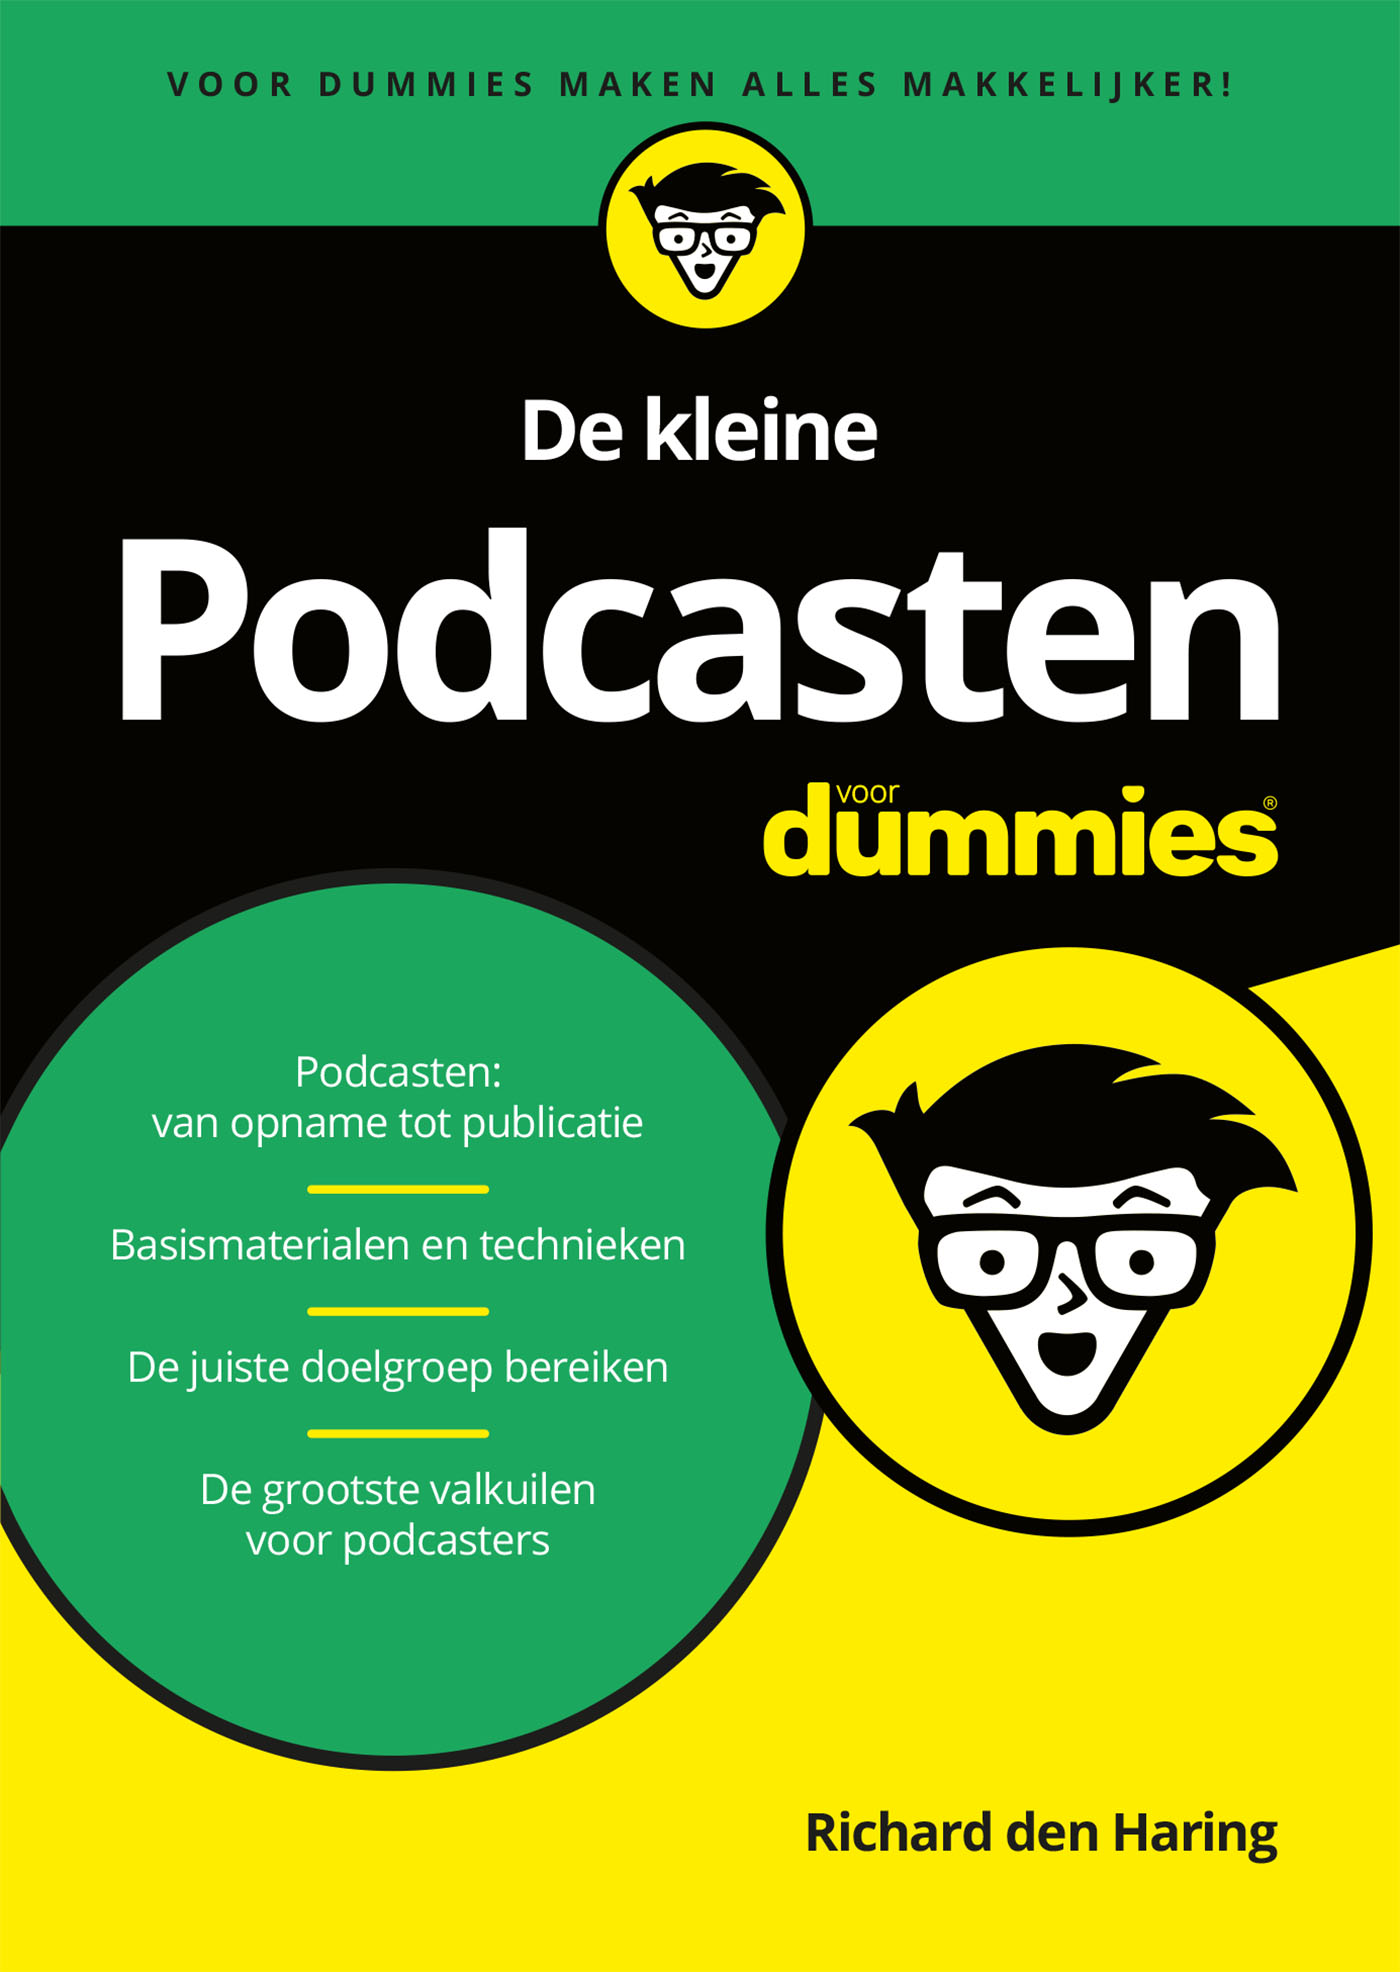 Cover De kleine Podcasten voor Dummies